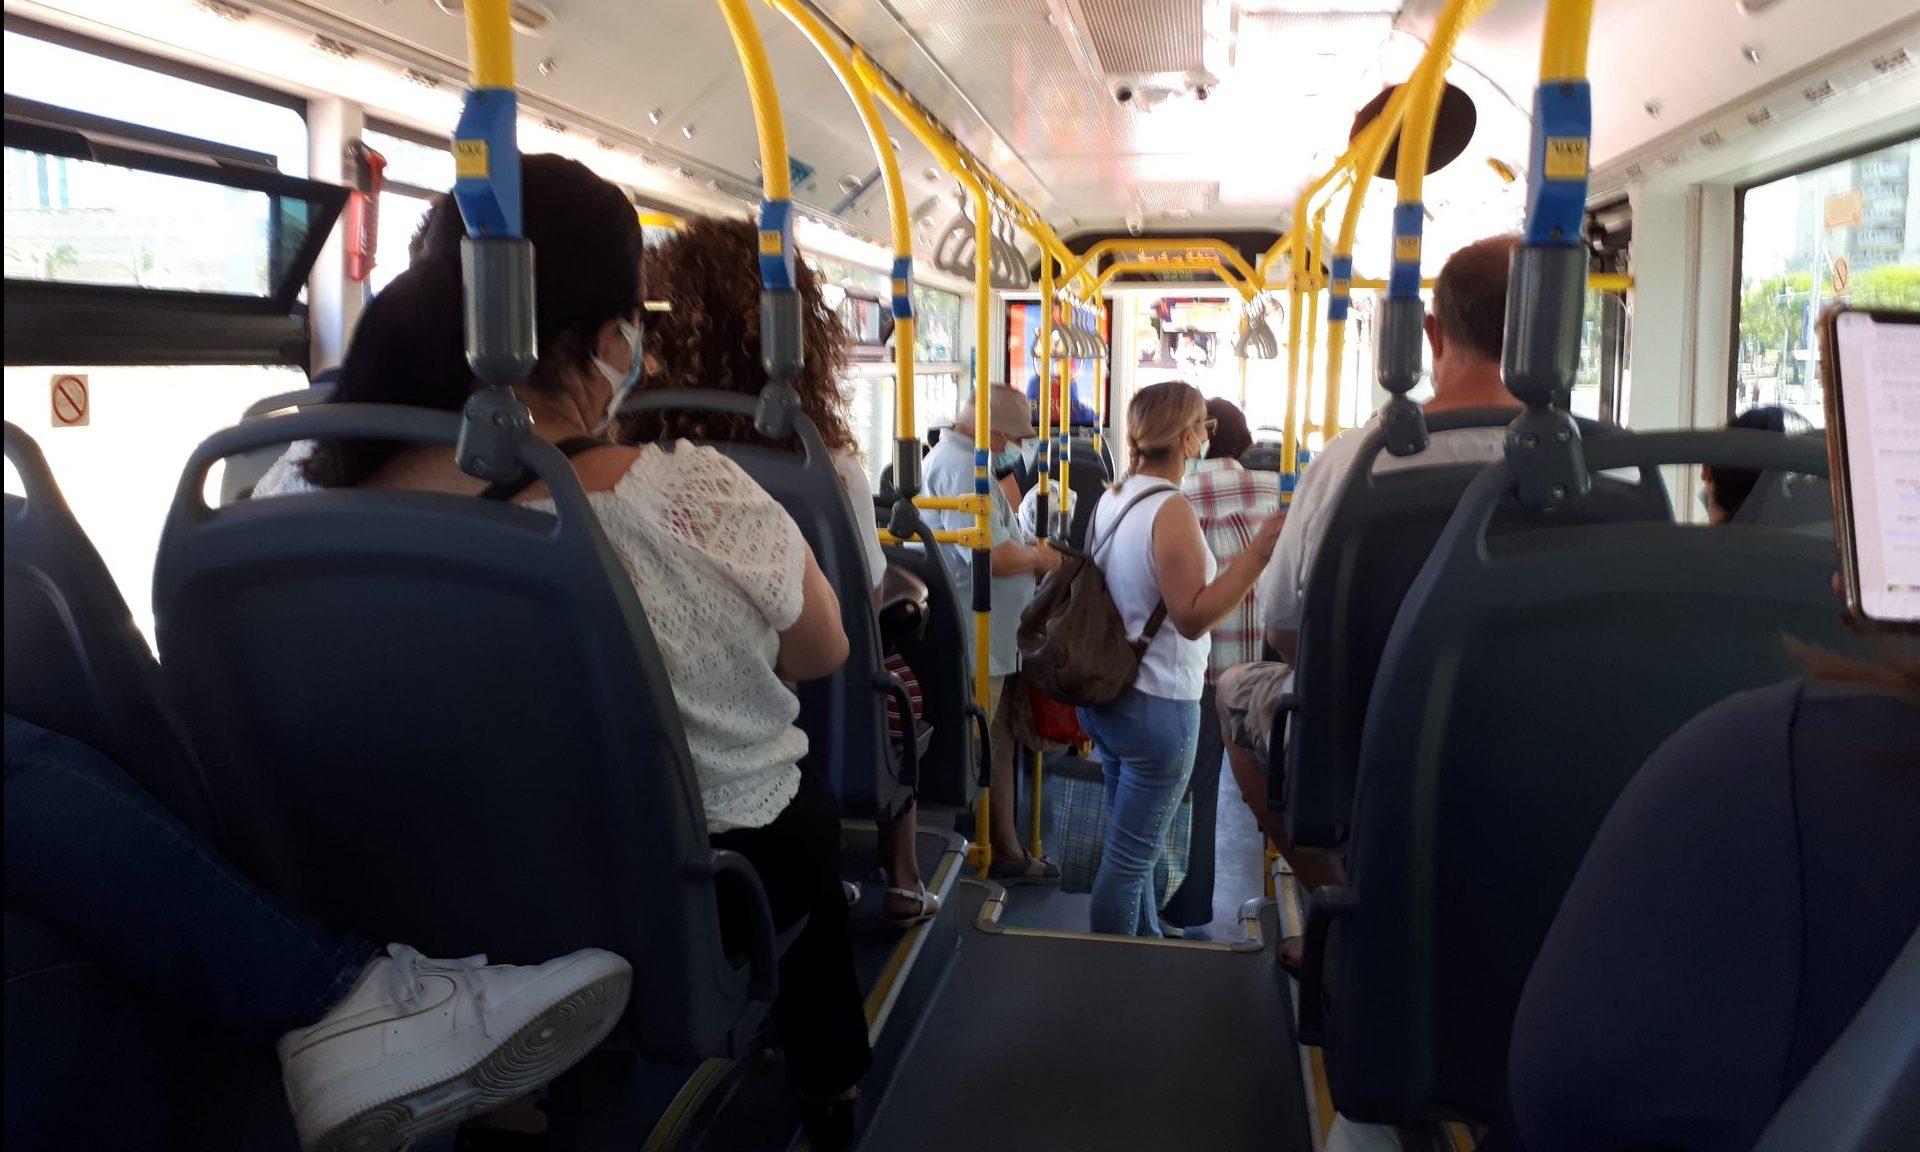 נוסעים על אוטובוס אפיקים באשדוד (למצולמים אין קשר לידיעה). צילום: דור גפני